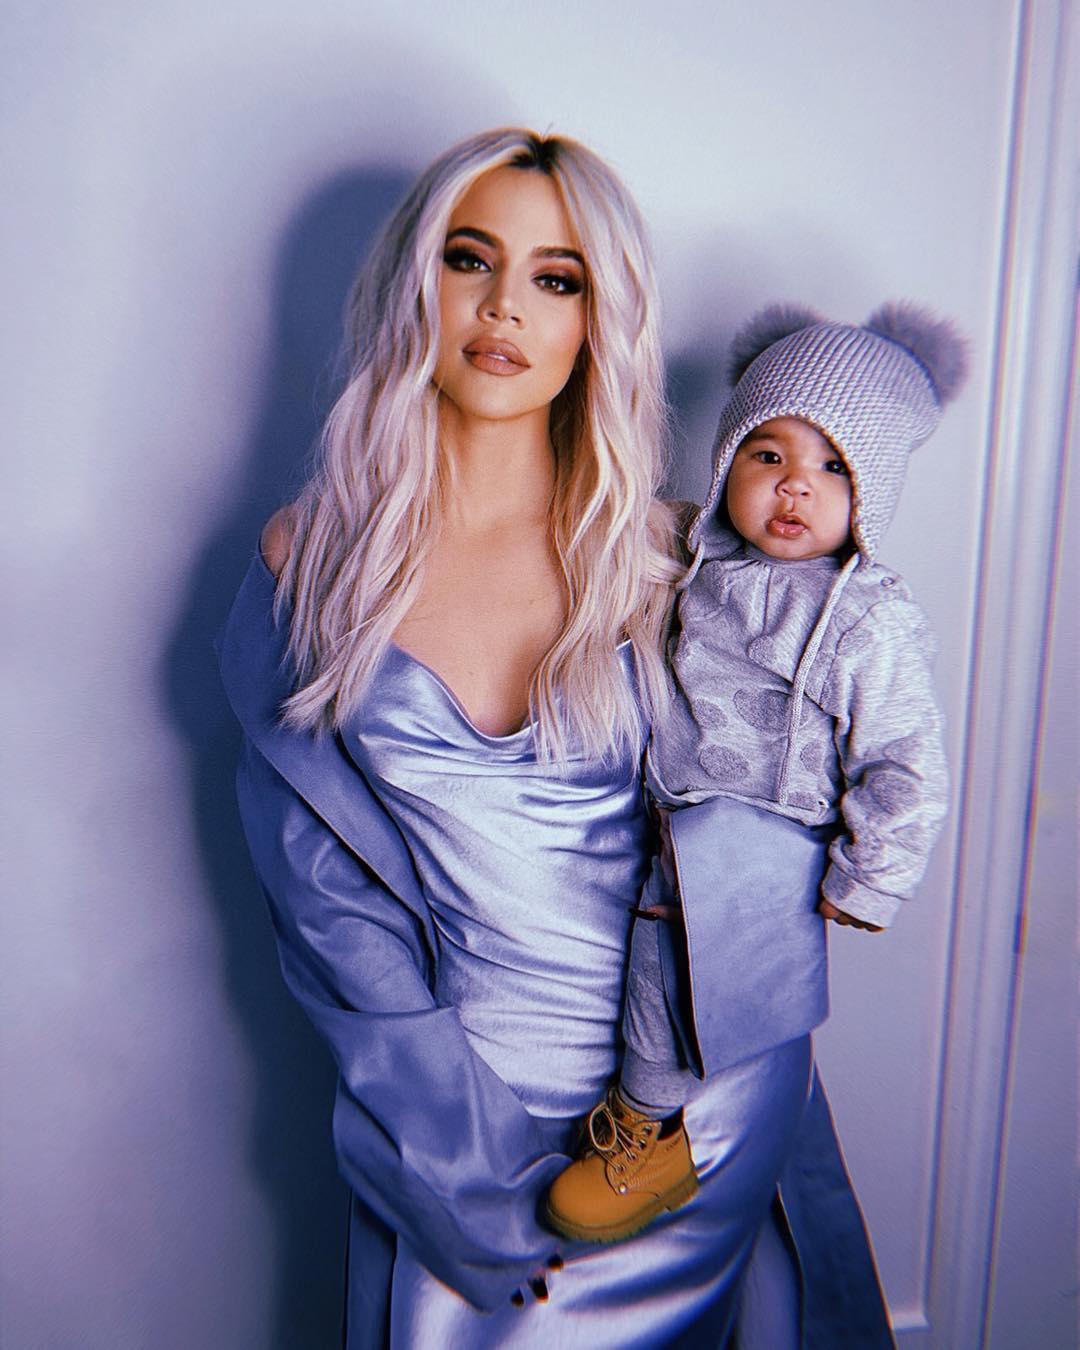 Хлоя Кардашян с малышкой1